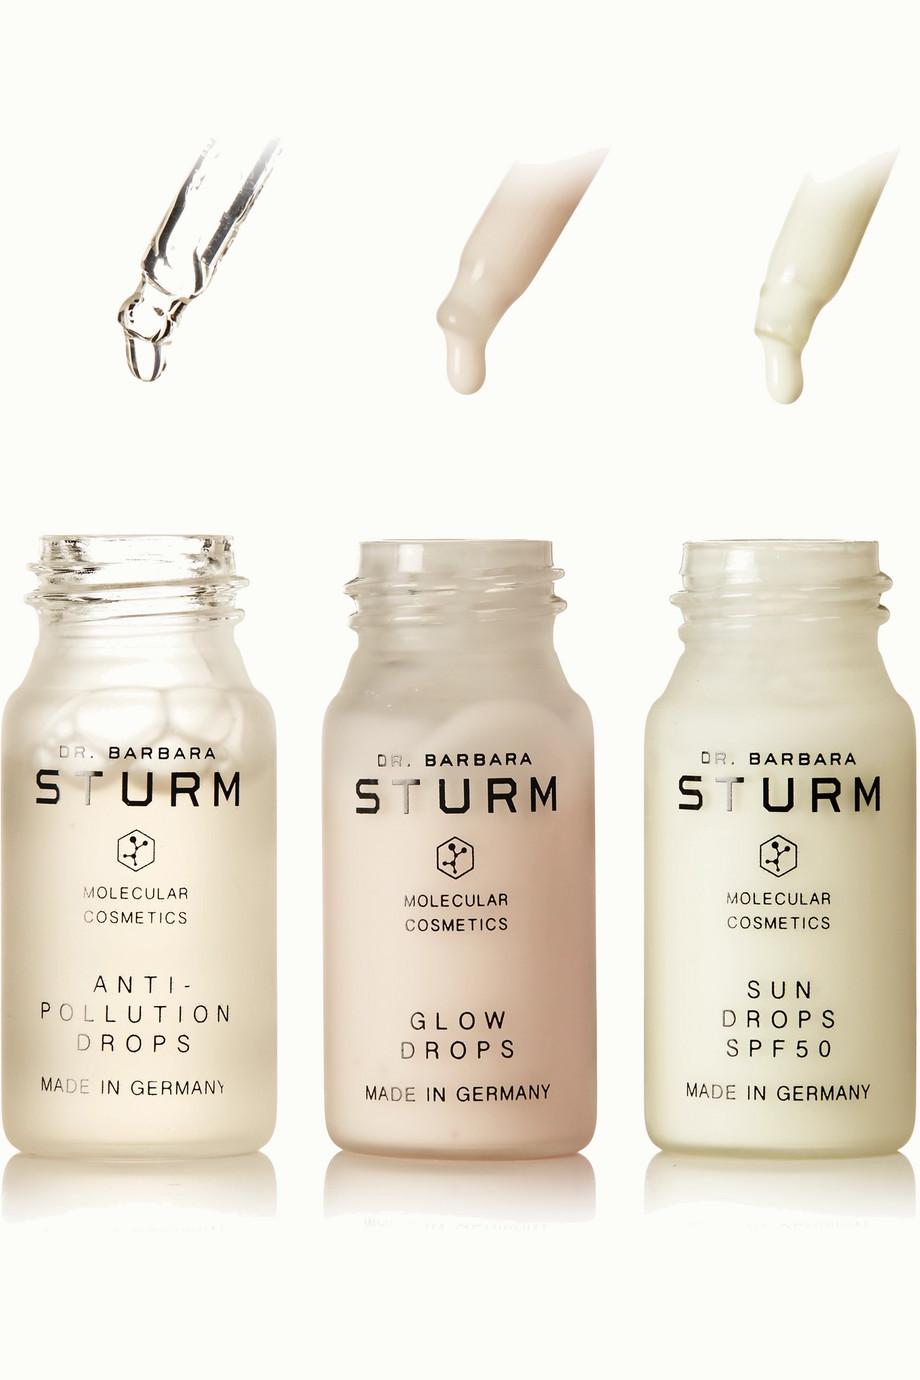 Dr. Barbara Sturm Coffret de produits pour la peau Drops Discovery